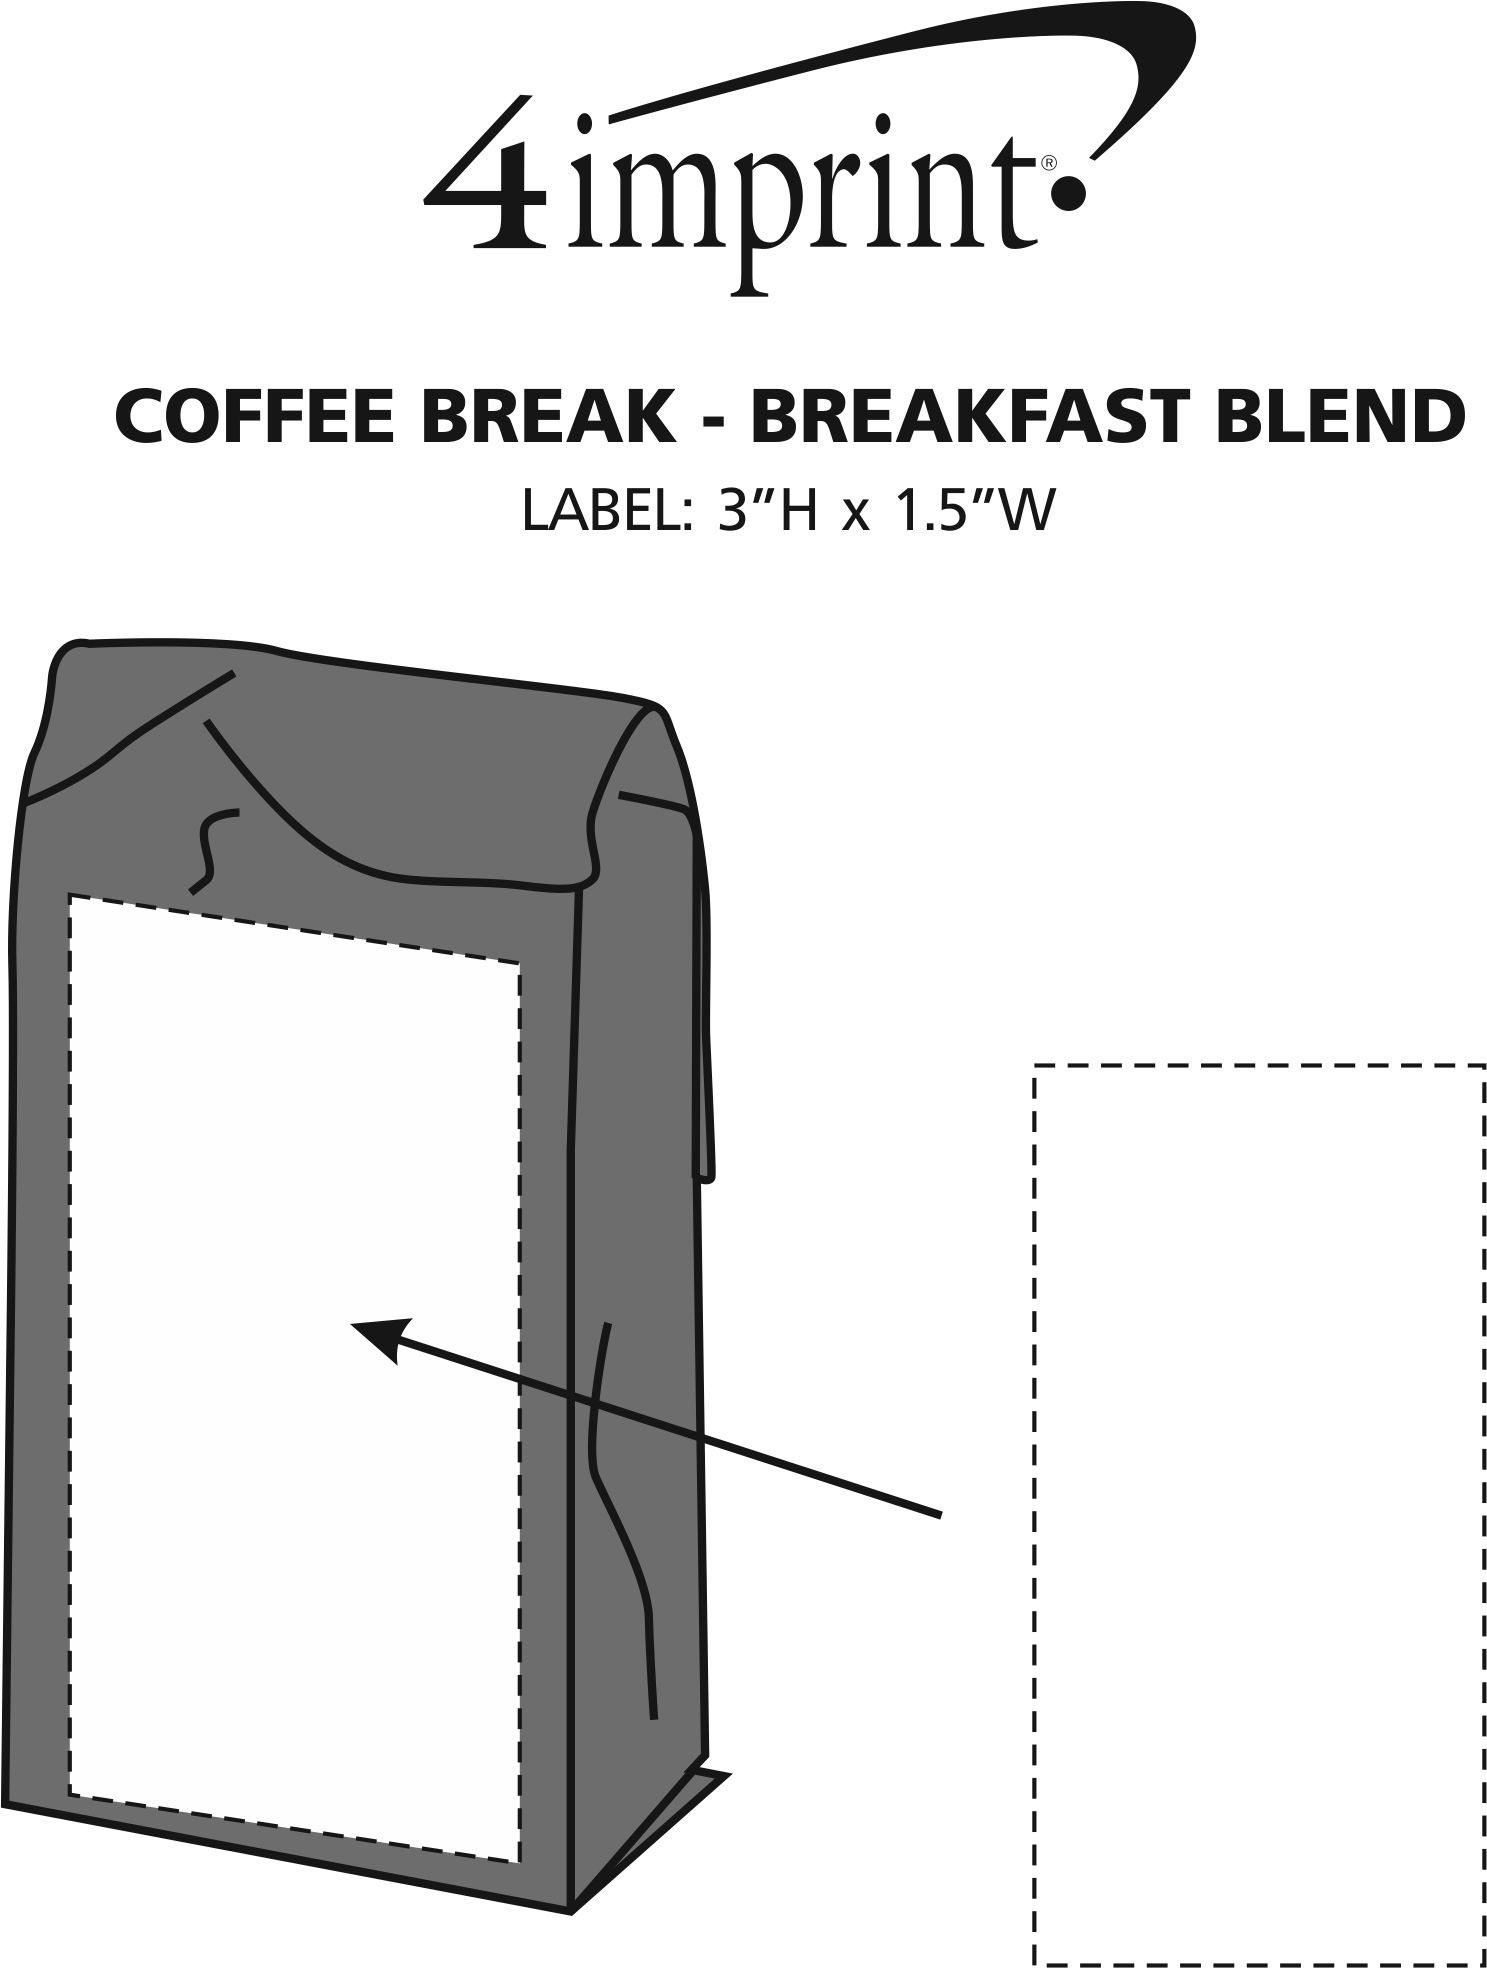 Imprint Area of Coffee Break - Breakfast Blend